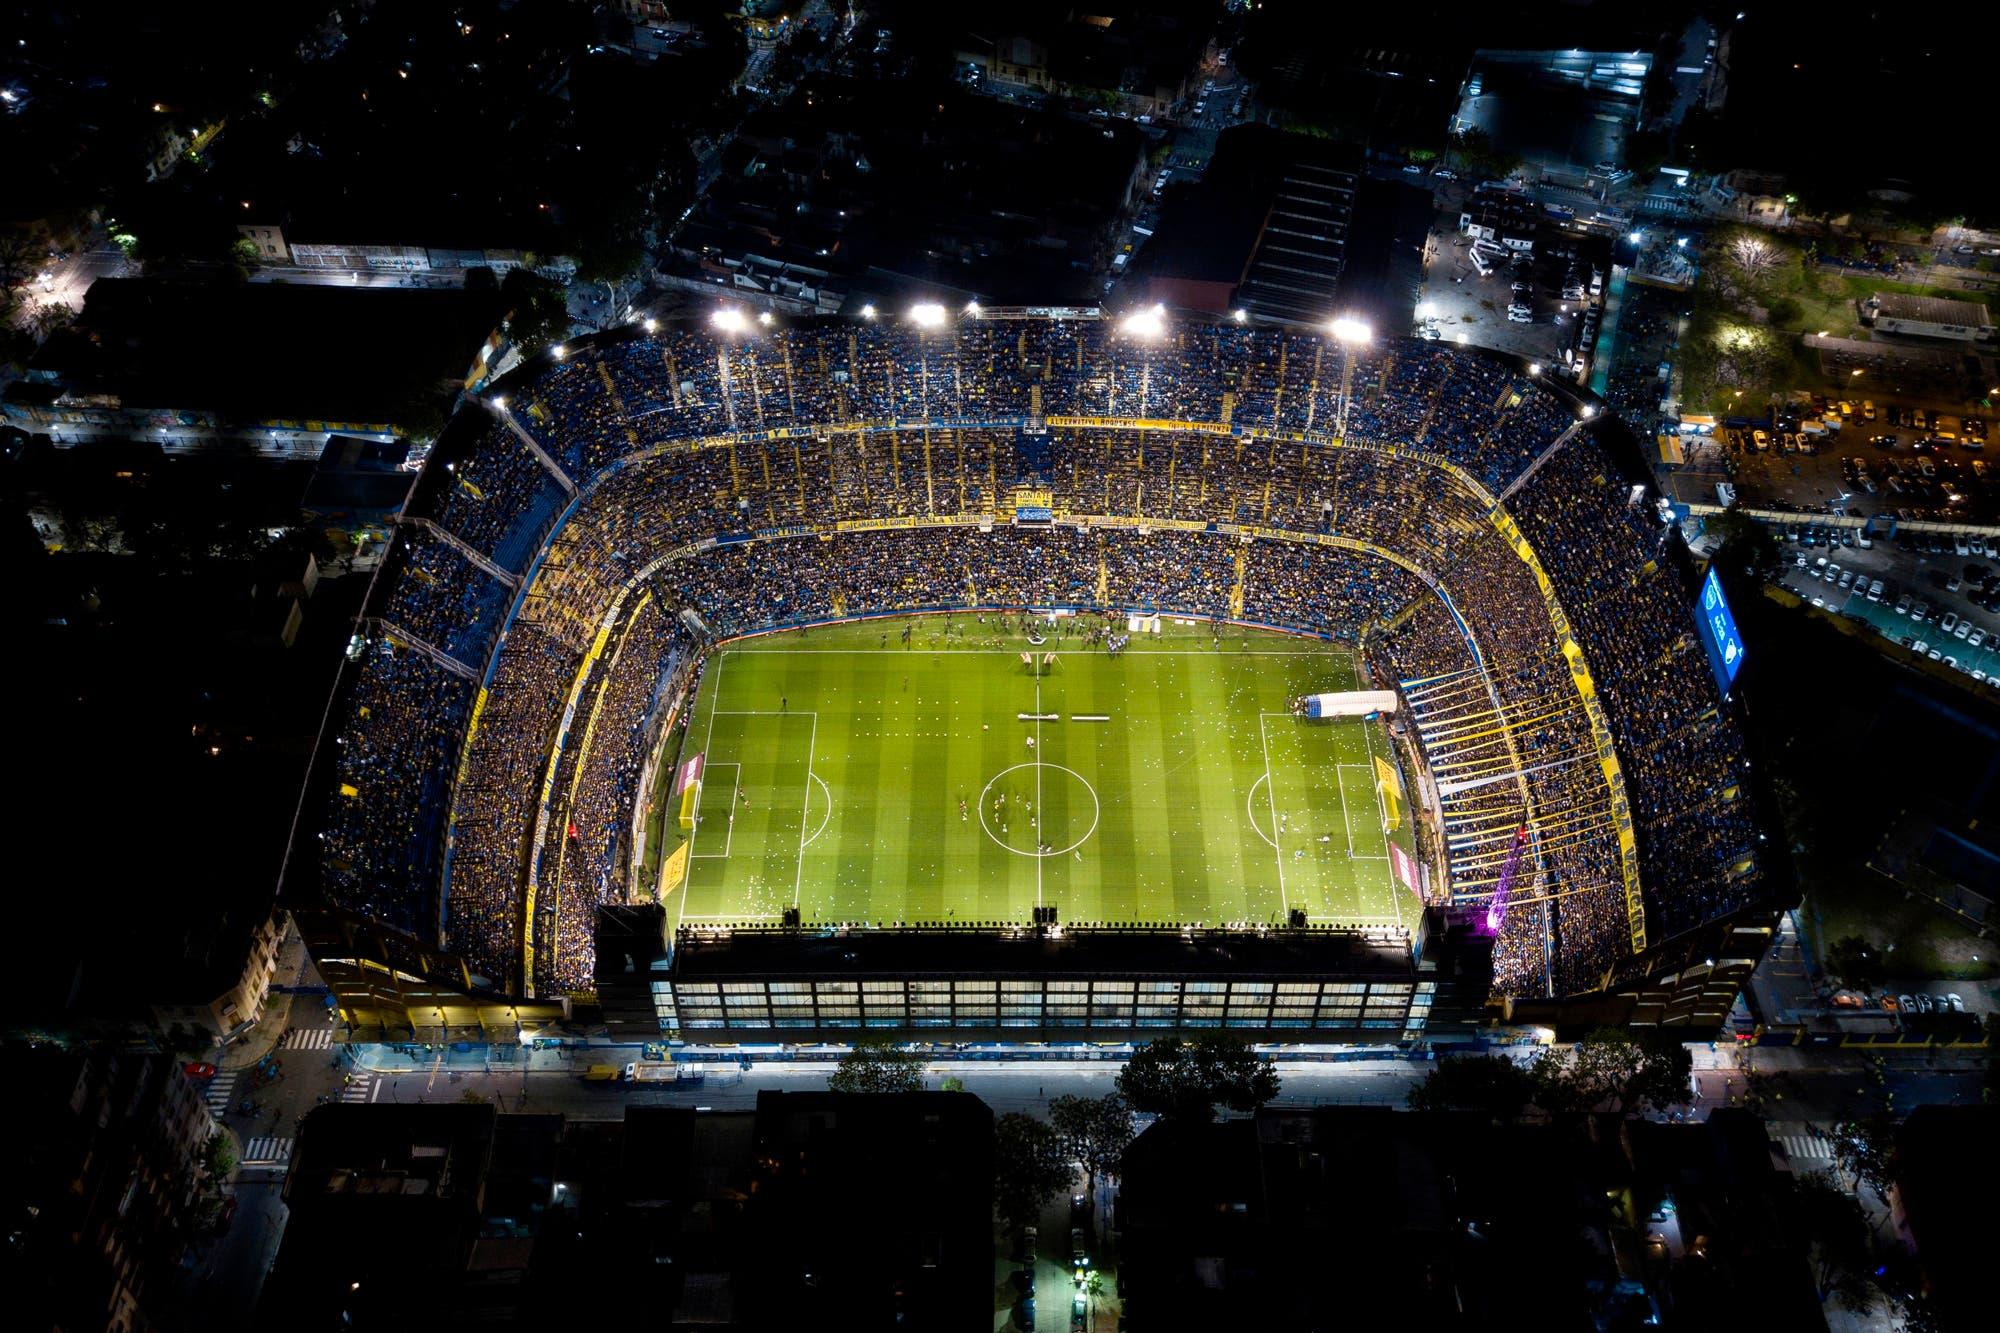 La historia detrás del contrato entre AySA y Boca: un error ortográfico, el ministro abrazado a la Copa Libertadores y la negativa de River